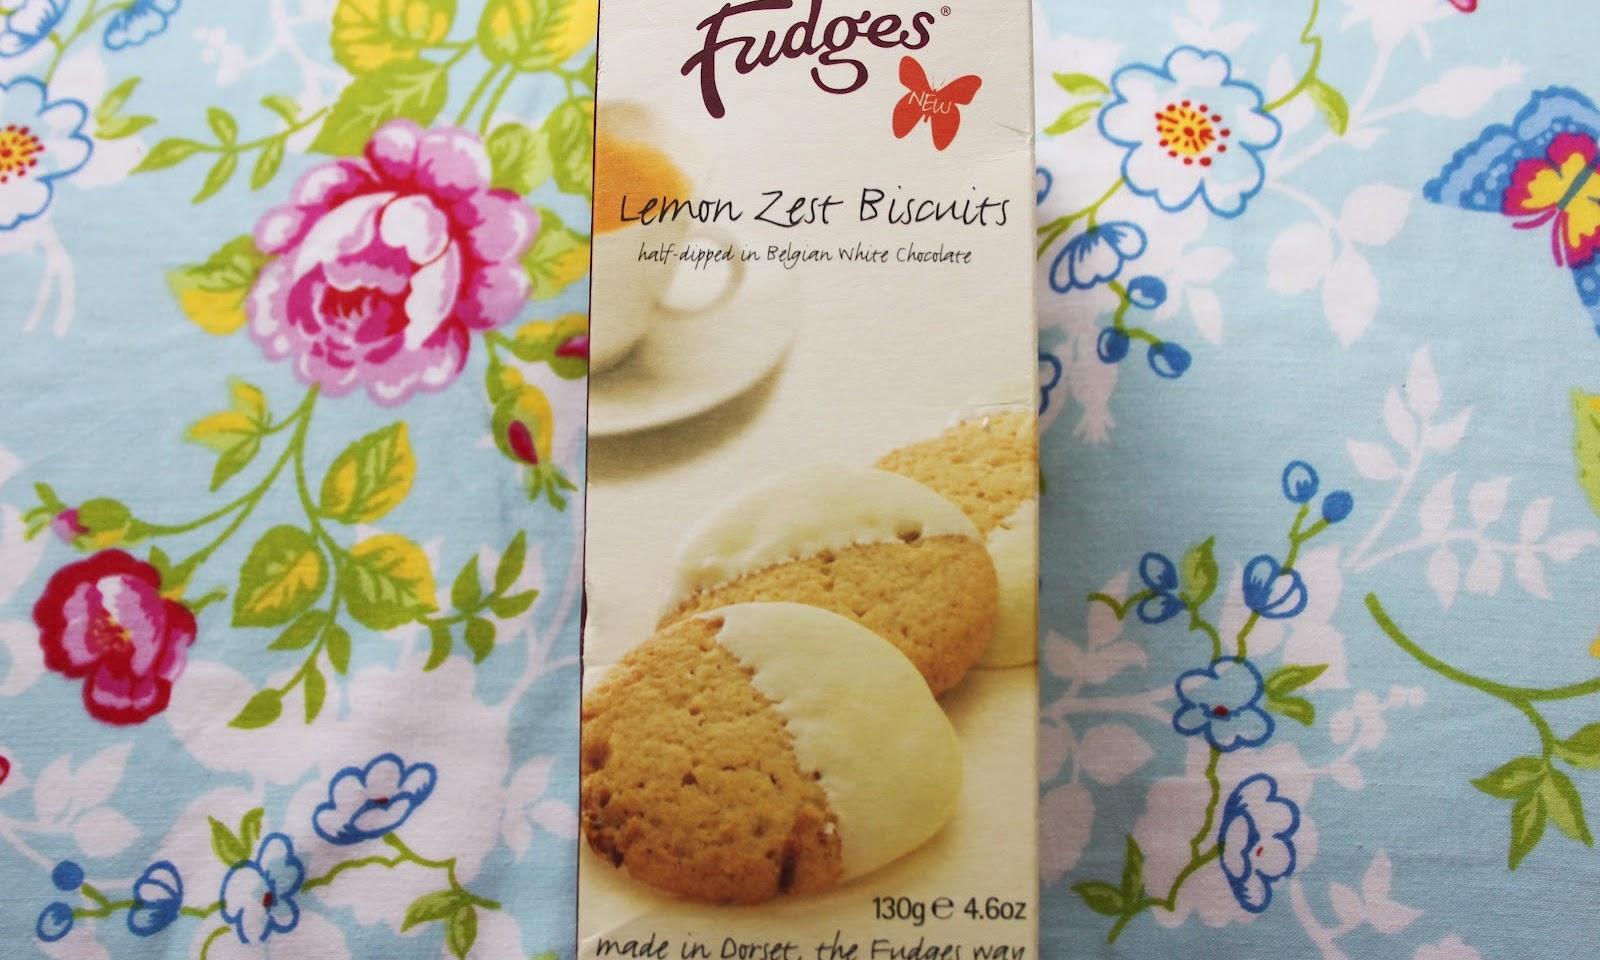 Fudges Bakery Lemon Zest Biscuits